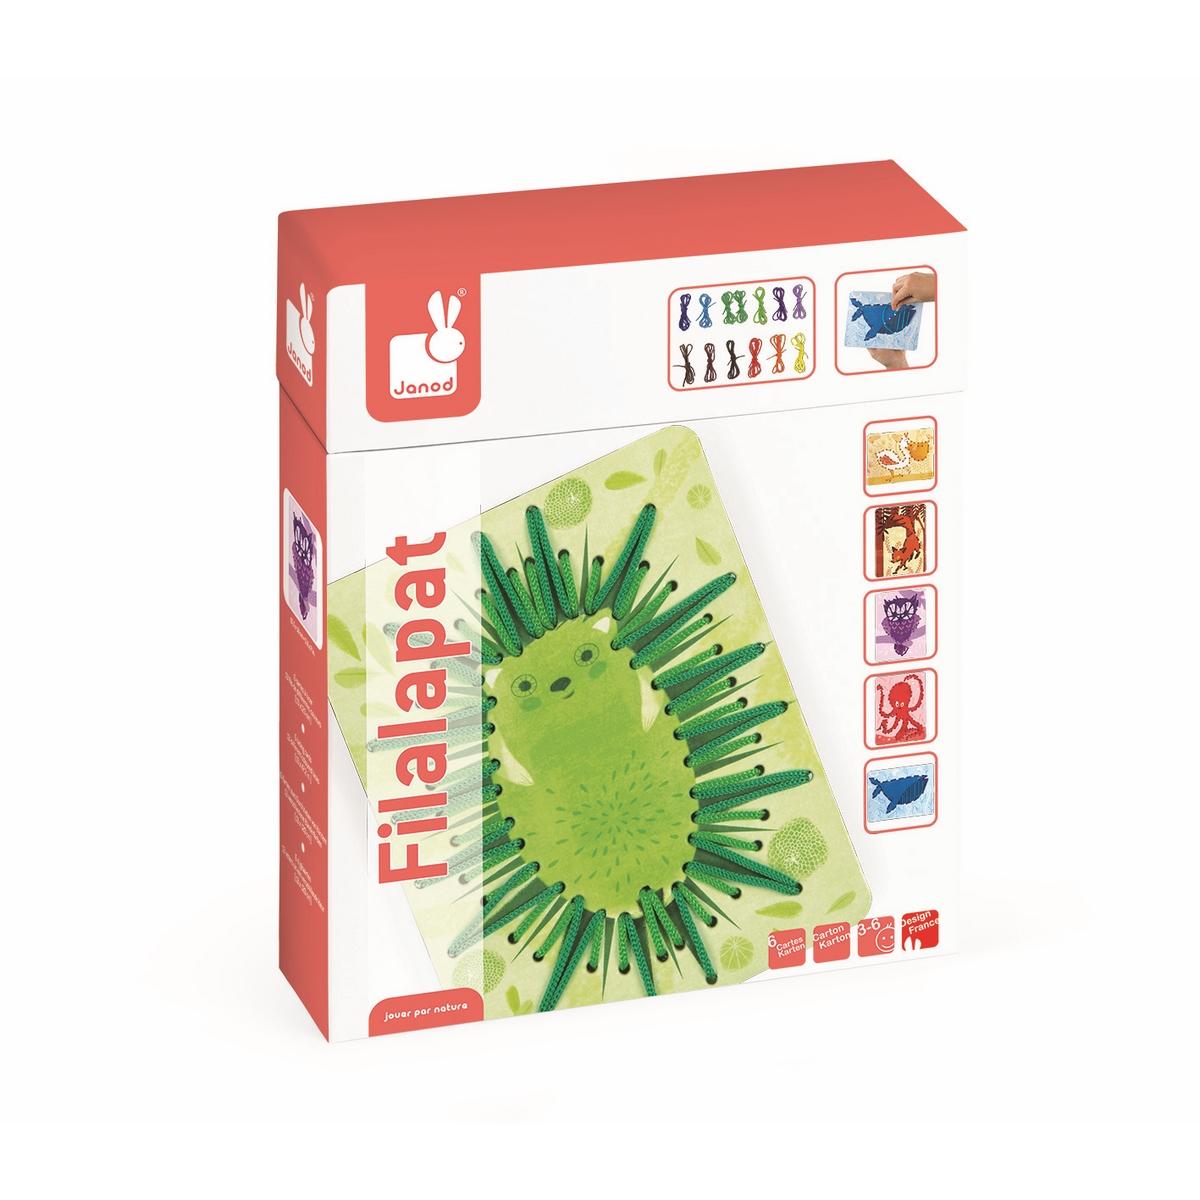 Janod Игра-шнуровка ЖивотныеJ02806Игра-шнуровка Janod Животные развлечёт вашего малыша. Набор включает 6 разноцветных и веселых карточек с изображениями животных, а также 13 цветных шнурков. Все детали игры созданы из качественного картона и текстиля, которые абсолютно безопасны для детей. На каждую карточку нанесена перфорация по контуру рисунка. В процессе игры ваш ребенок должен продеть шнурок через эти отверстия, обозначая силуэт животного.Также вы сможете помочь ребенку освоить основные цвета, виды животных. Продемонстрируйте вашему малышу большие карточки и предложите самостоятельно подобрать цвет шнурка. Такая игра развивает мелкую моторику рук и пальцев, что способствует развитию речи ребенка.